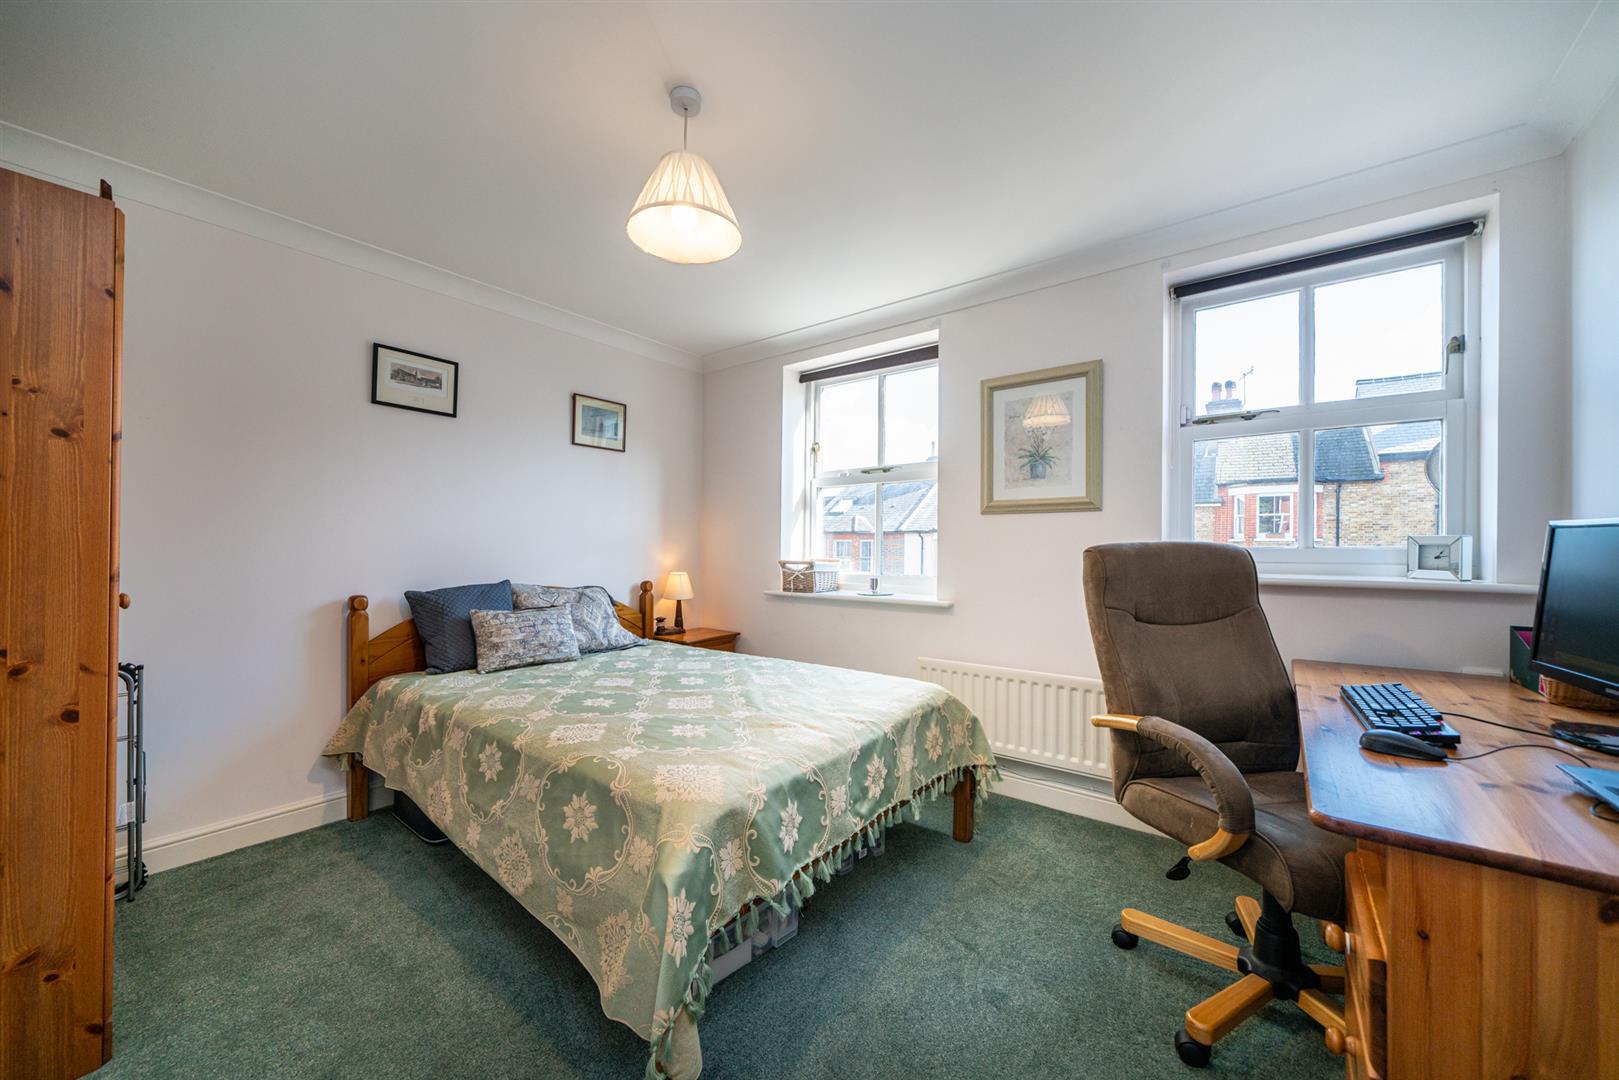 46-Cross-Oak-Rd-1000 - bed 2.jpg